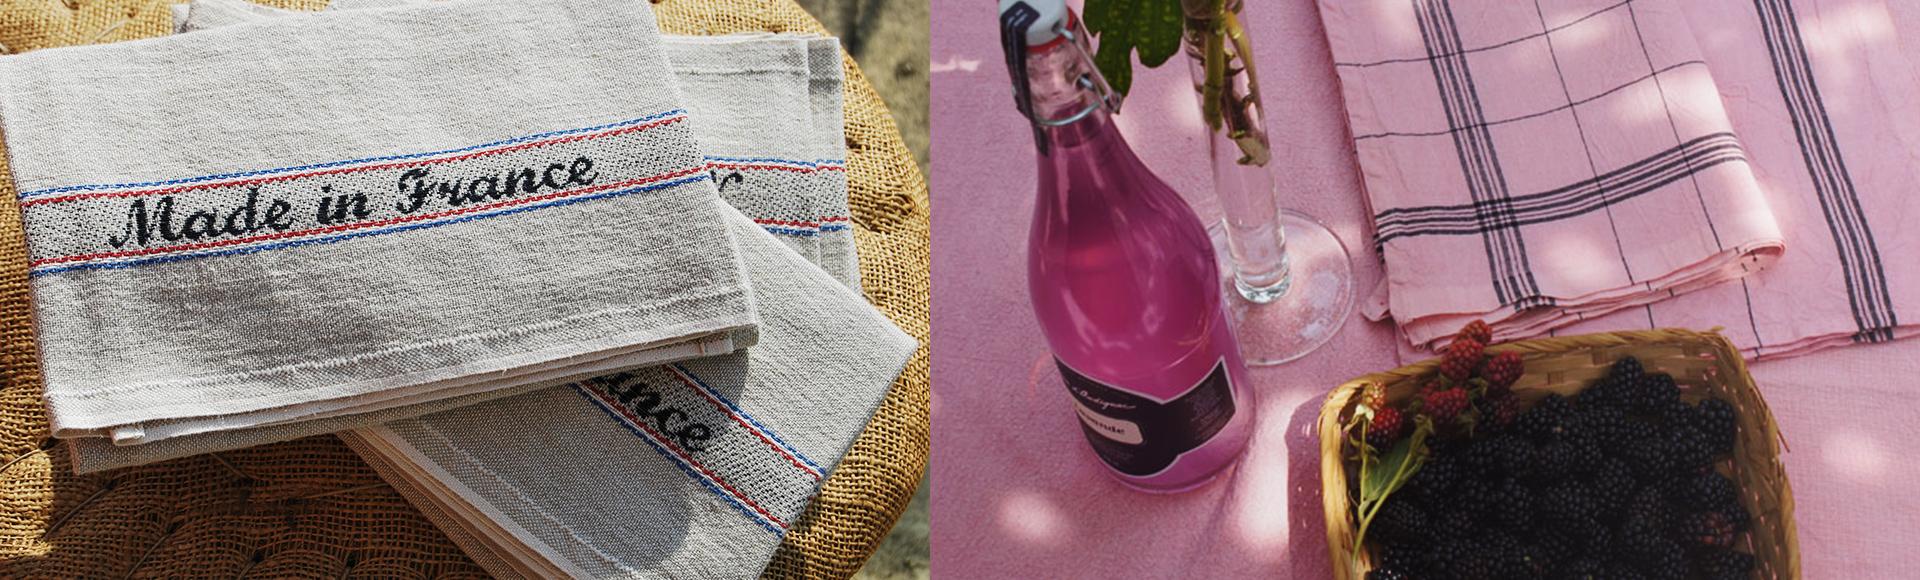 エプロンやプレイスマットなど、MADE IN FRANCEにこだわったフランスのシャルベ・エディションのテーブルリネン商品